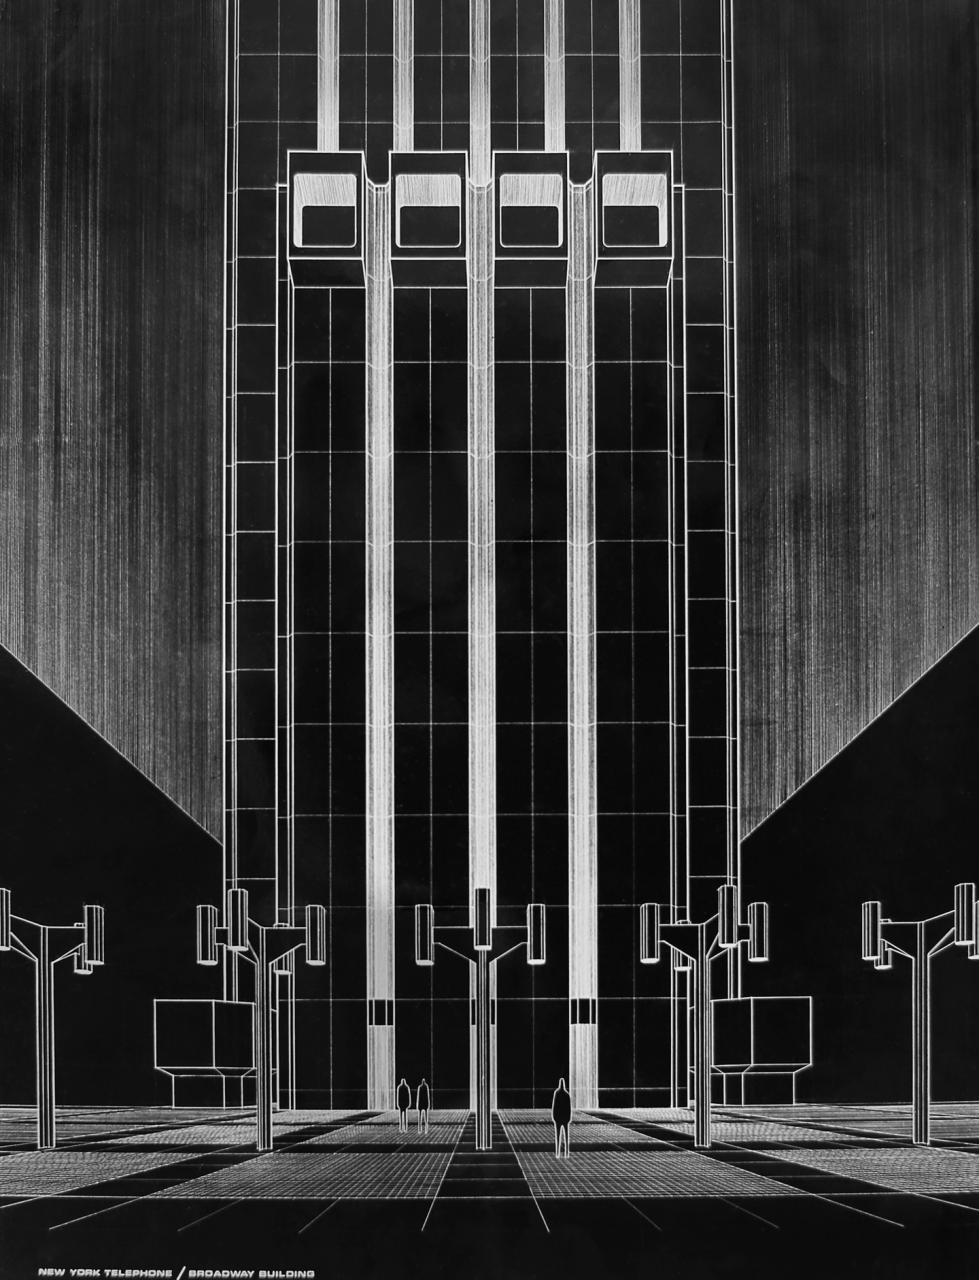 TITANPOINTE: El hub de espionaje de la NSA en Nueva York, escondido a plena vista